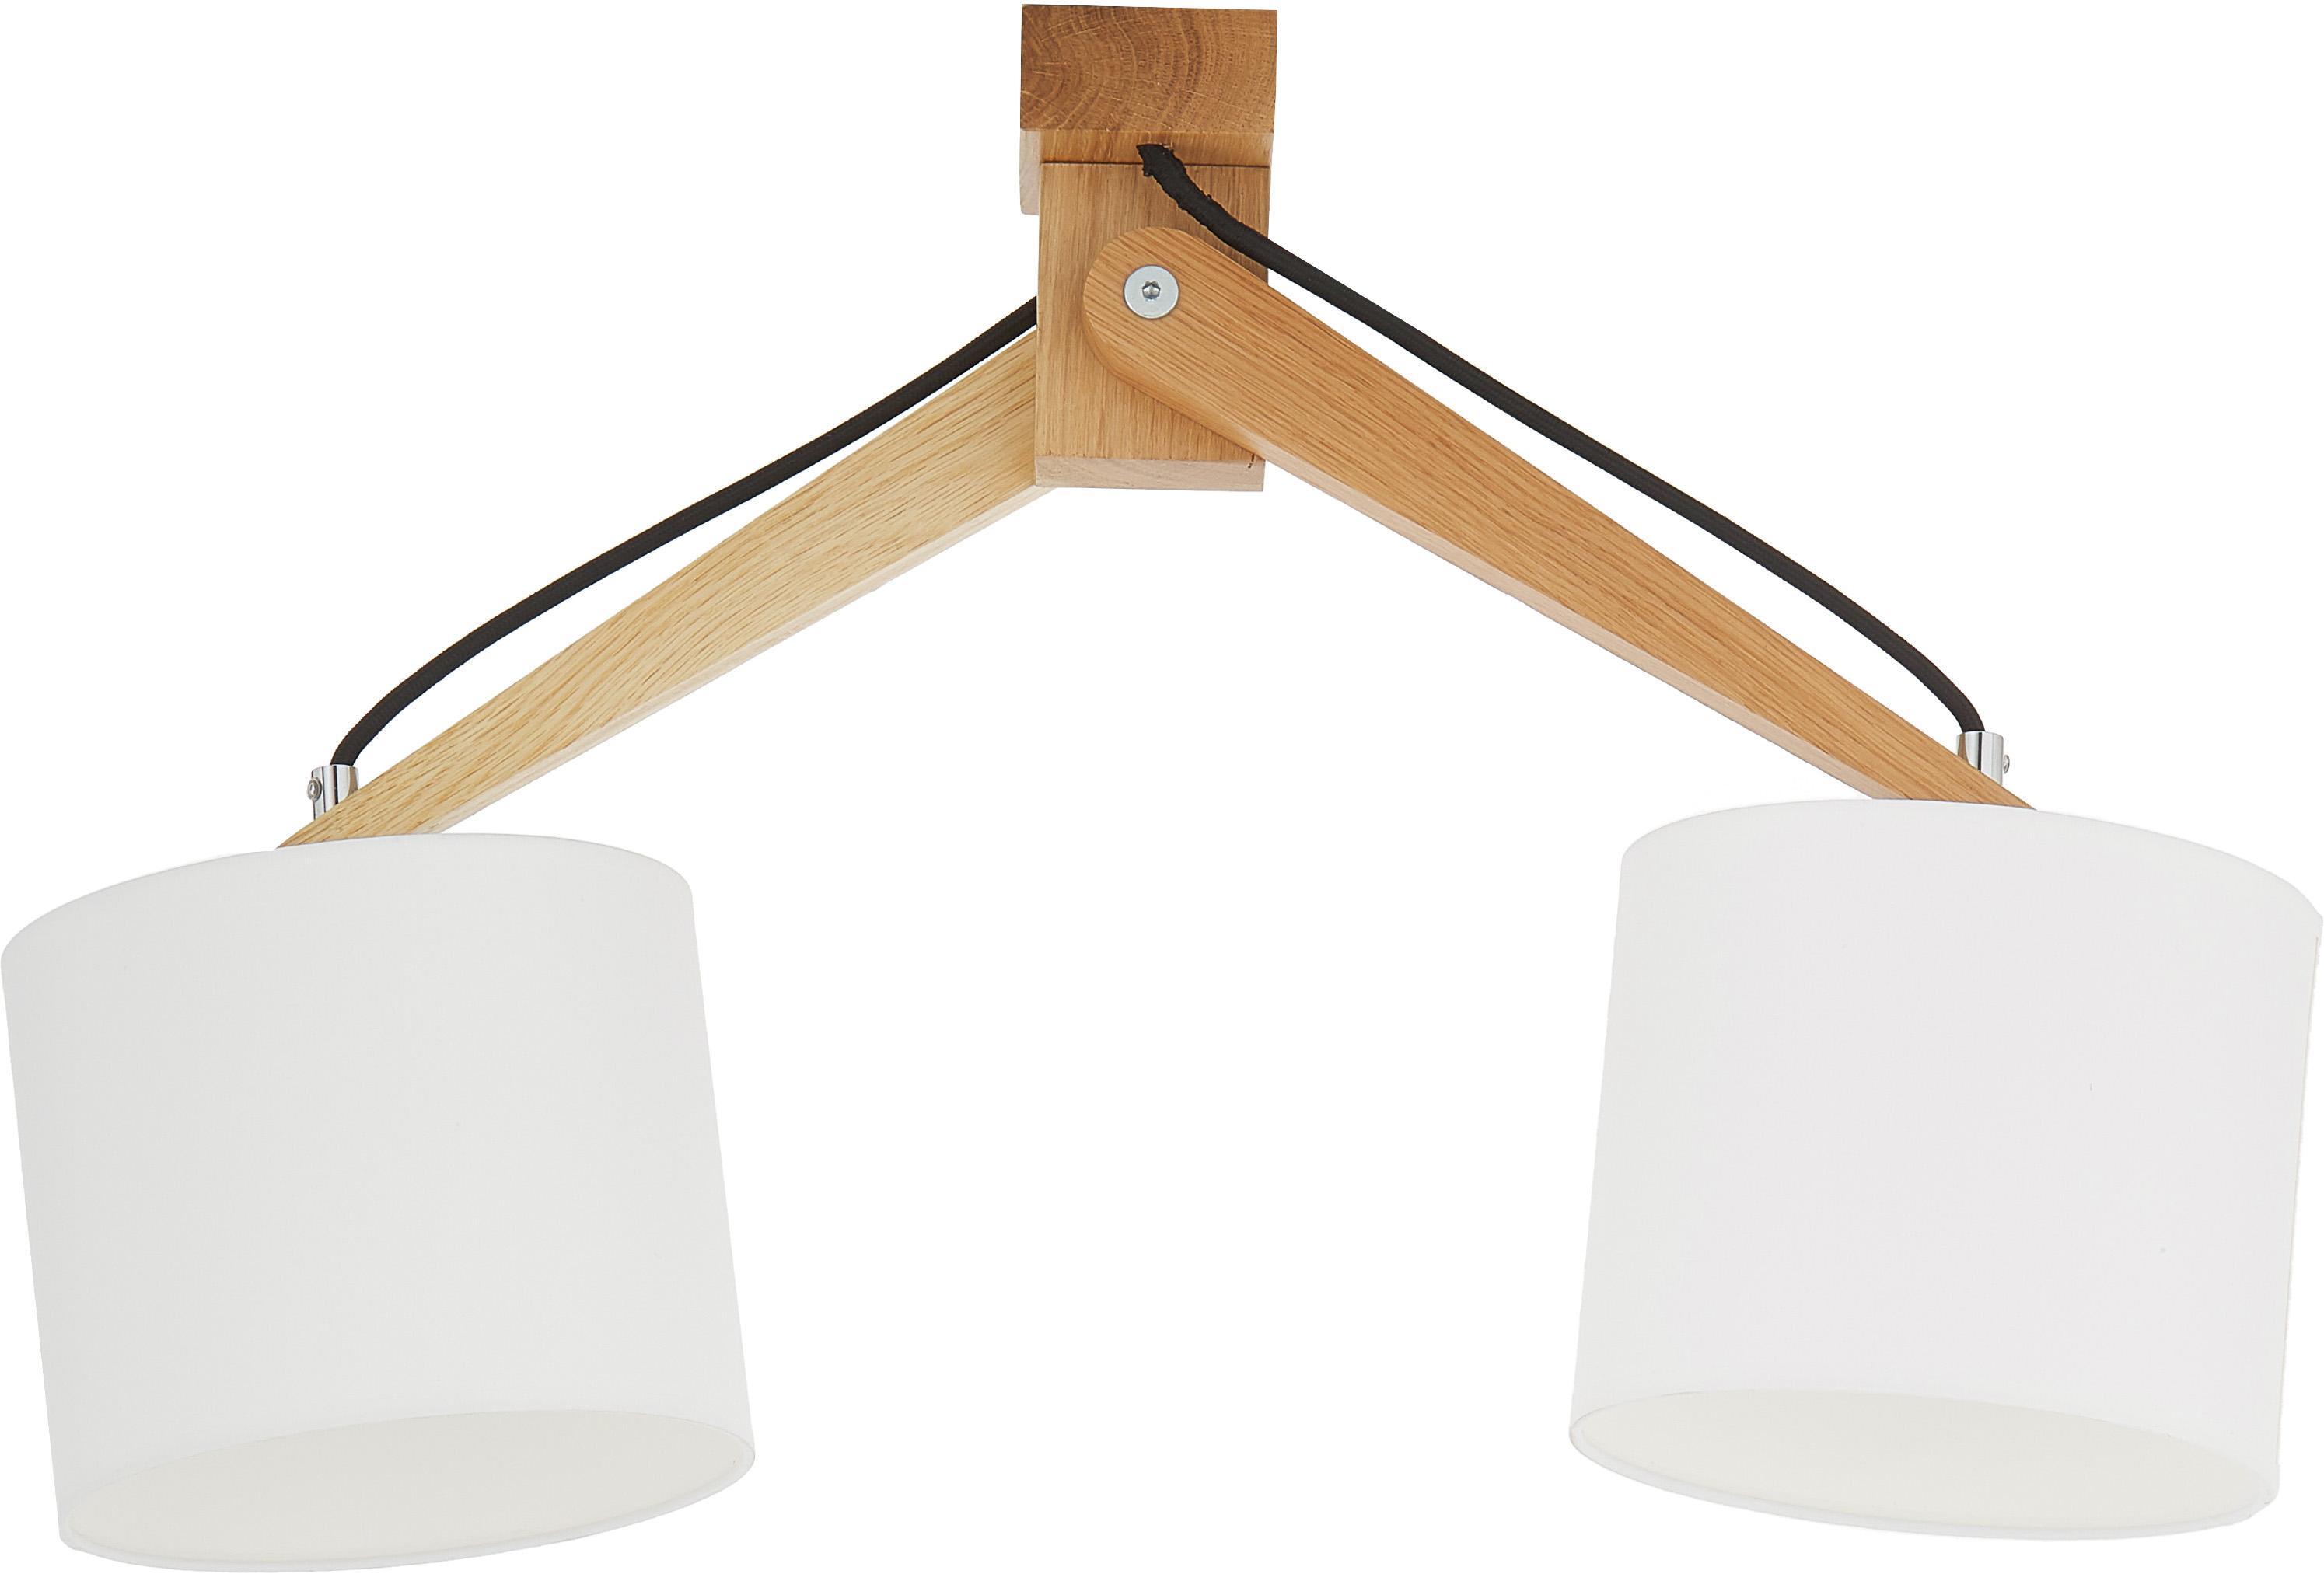 Deckenleuchte Donna aus Holz, Weiß, 50 x 36 cm